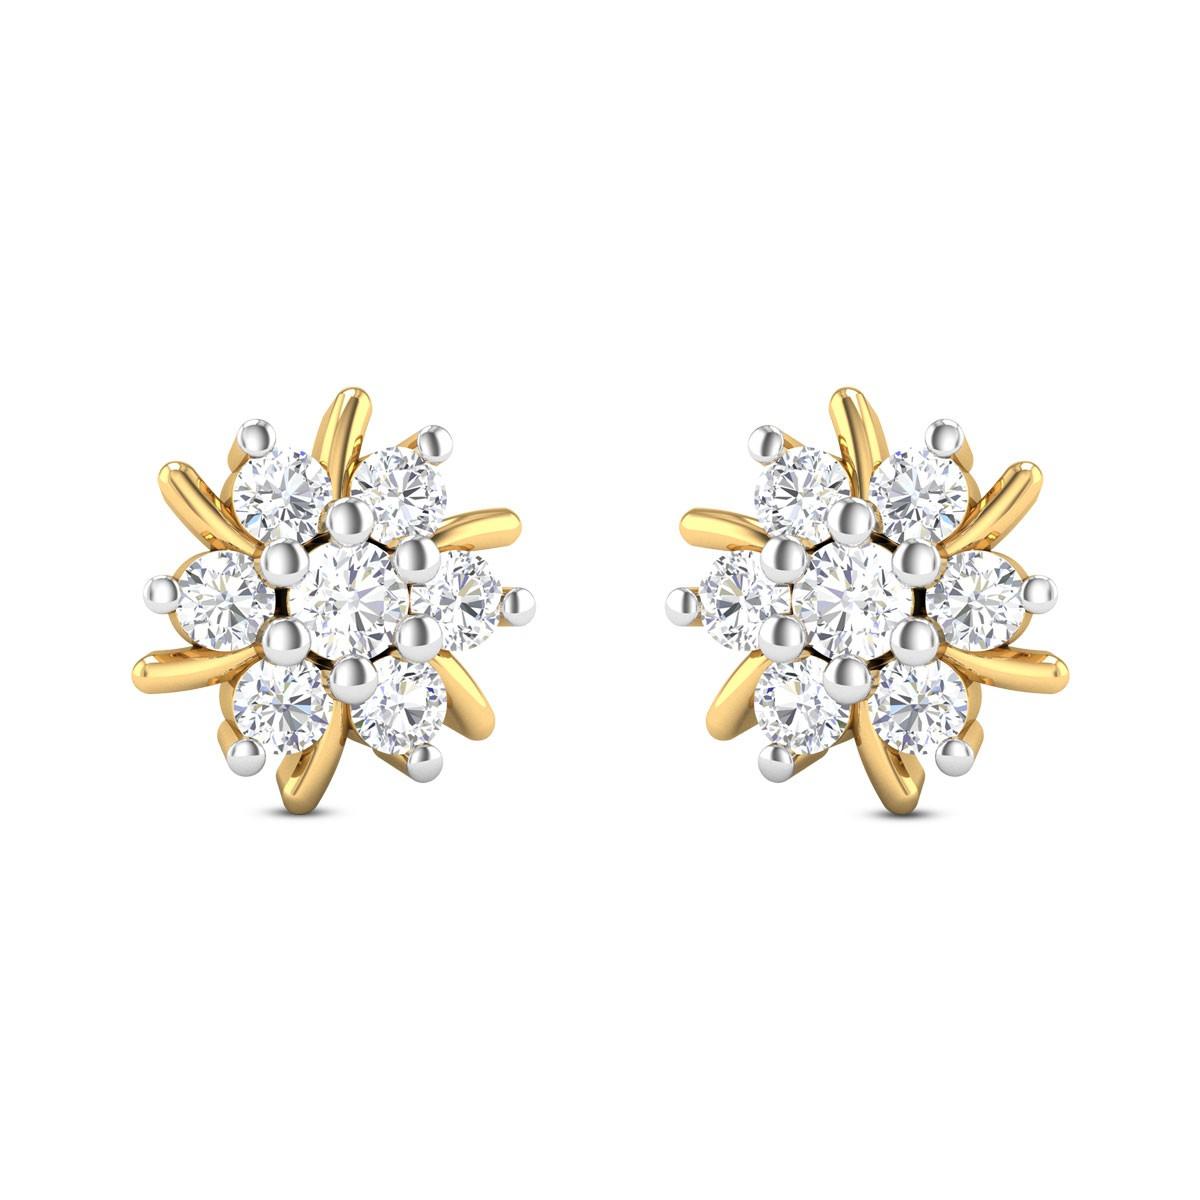 Aspen Diamond Earrings